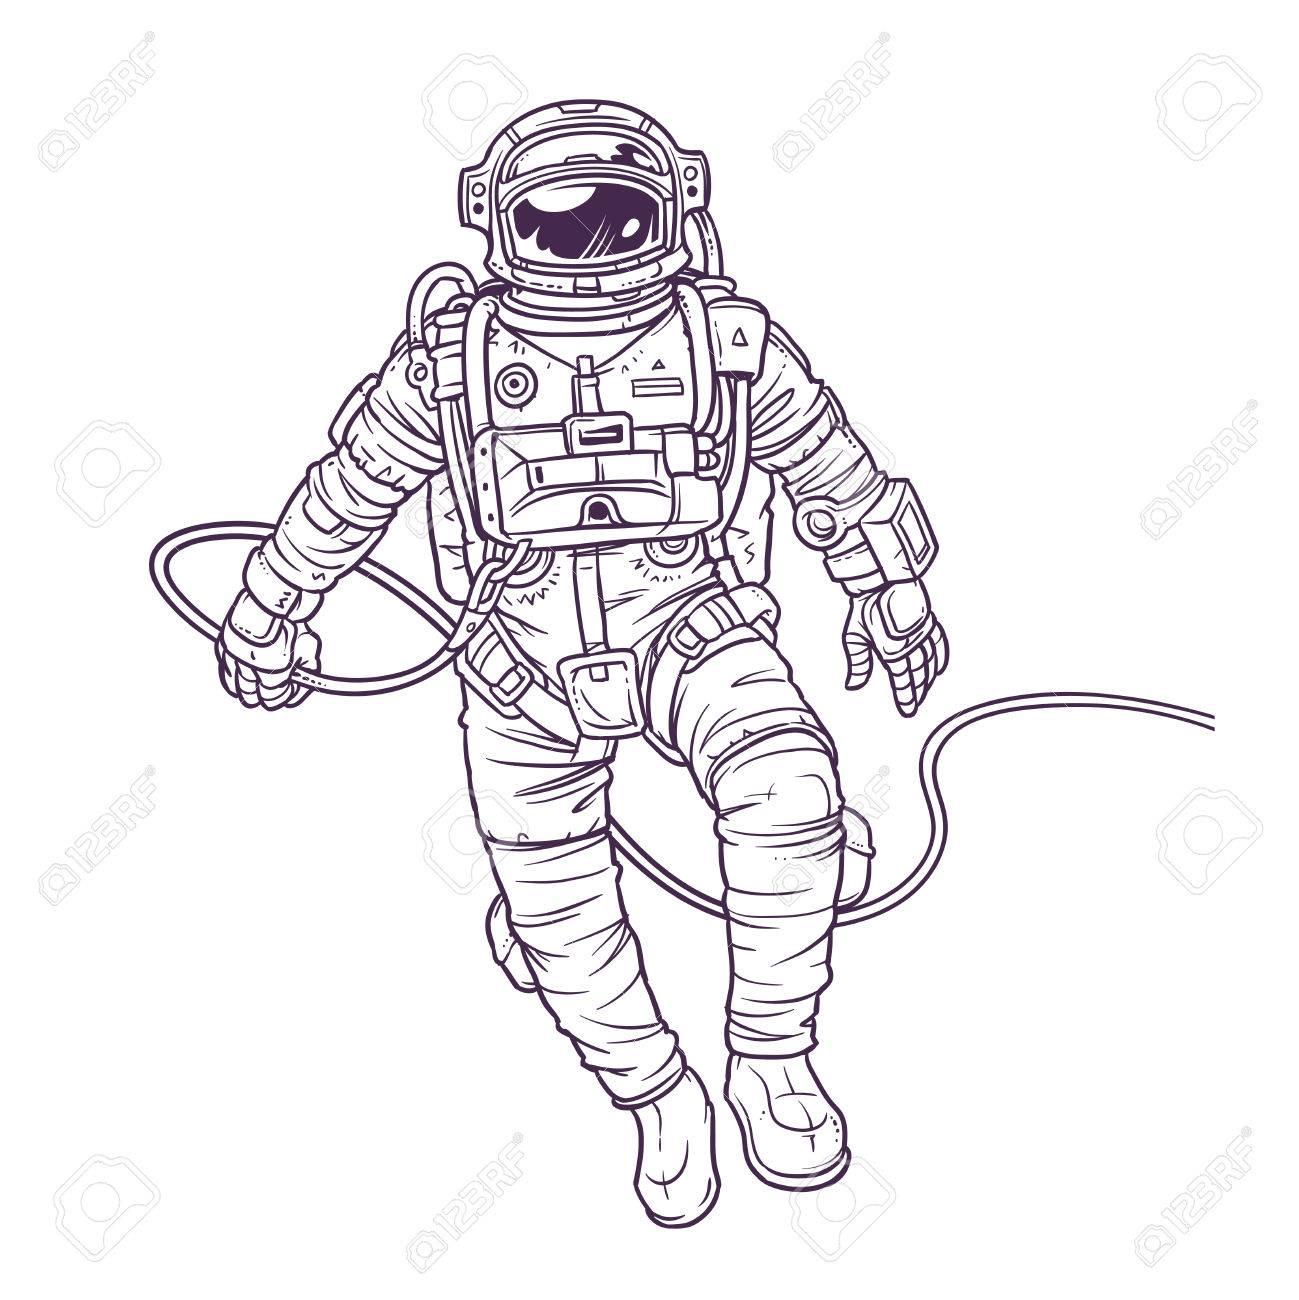 Atemberaubend Astronaut Ausgeschnitten Vorlage Zeitgenössisch ...